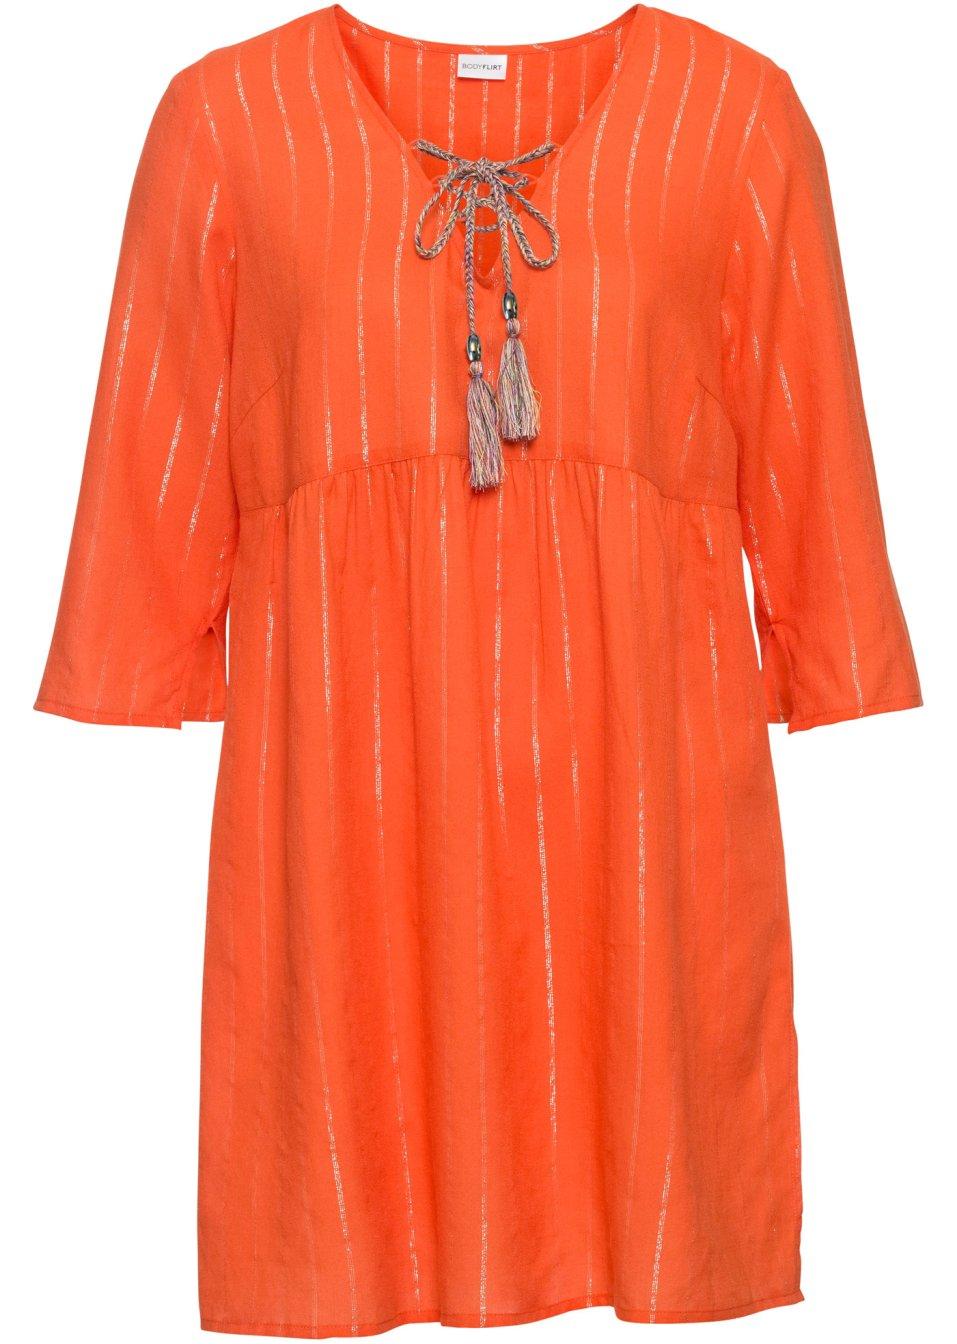 Tunika mit Lurex- Streifen V-Ausschnitt und Bindebändern. - orange/silber gestreift WYzt0 iFA7V